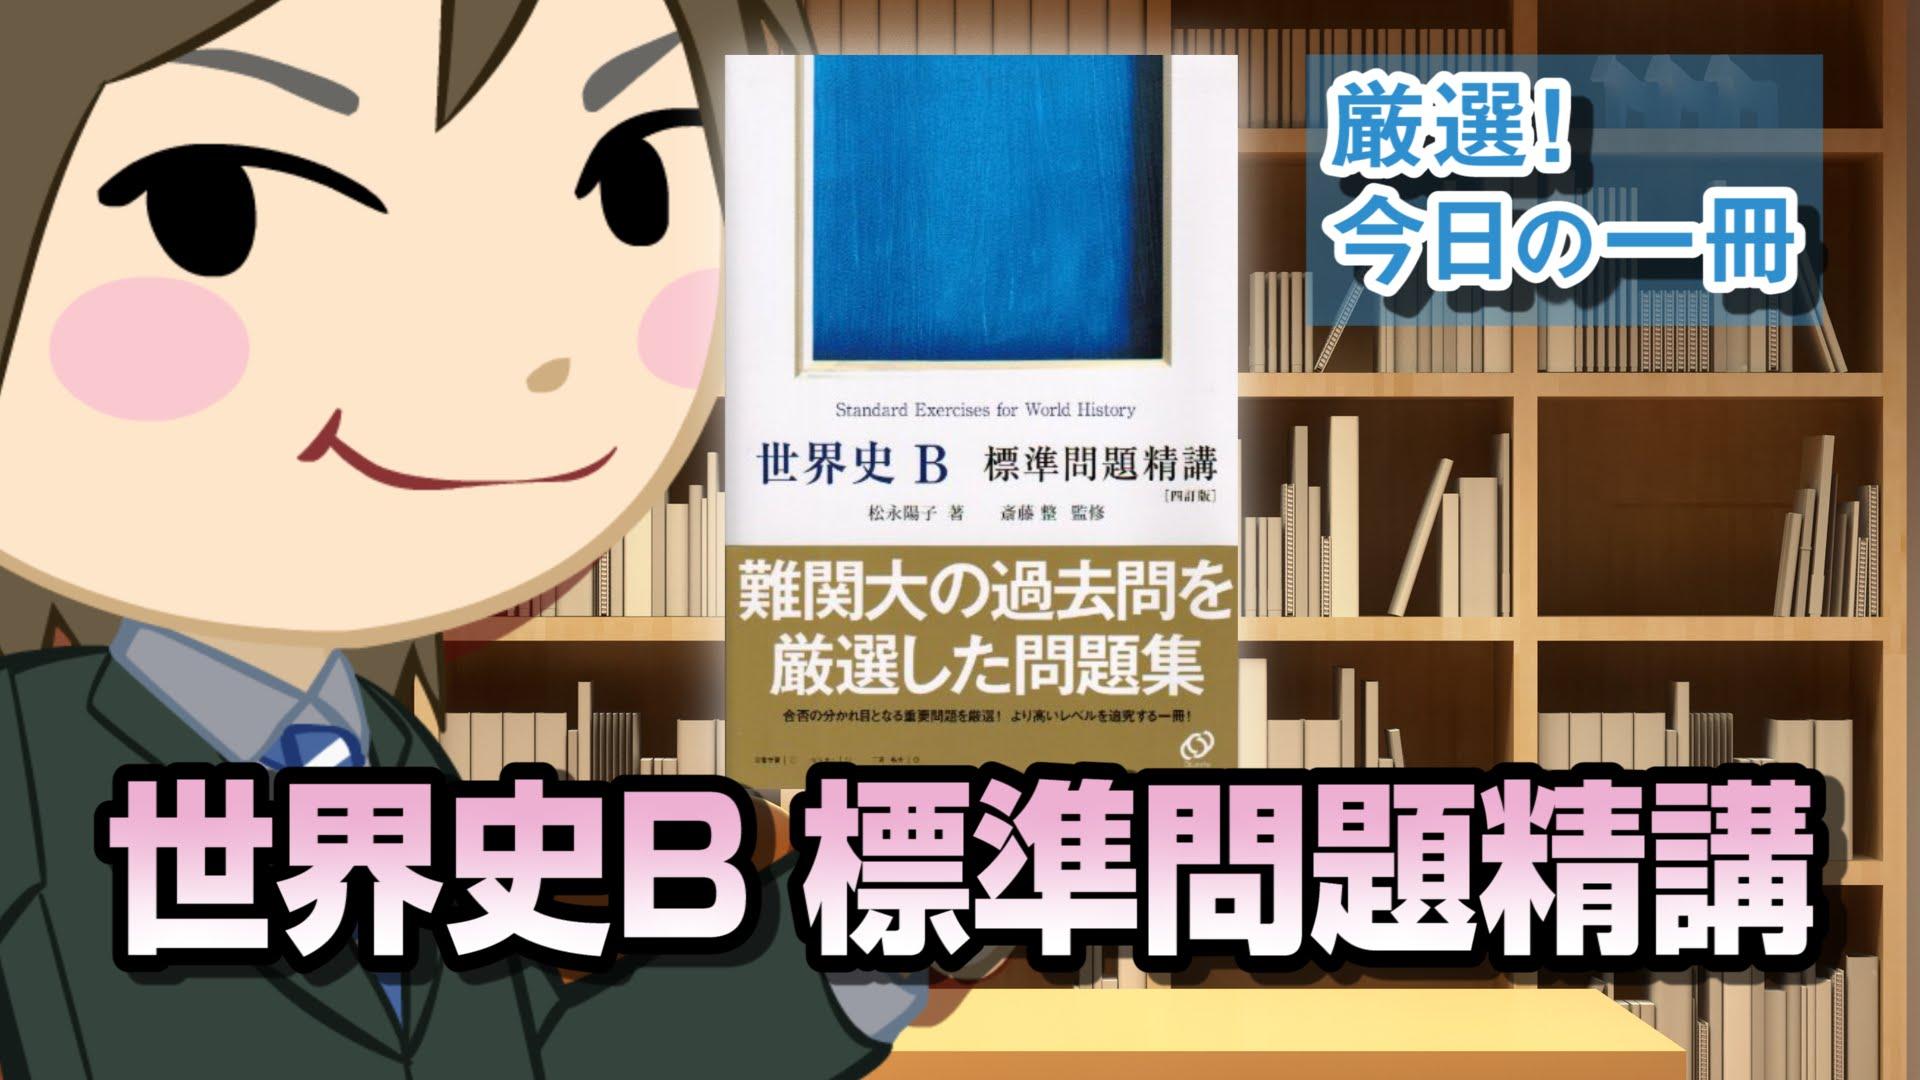 世界史B 標準問題精講|武田塾厳選! 今日の一冊